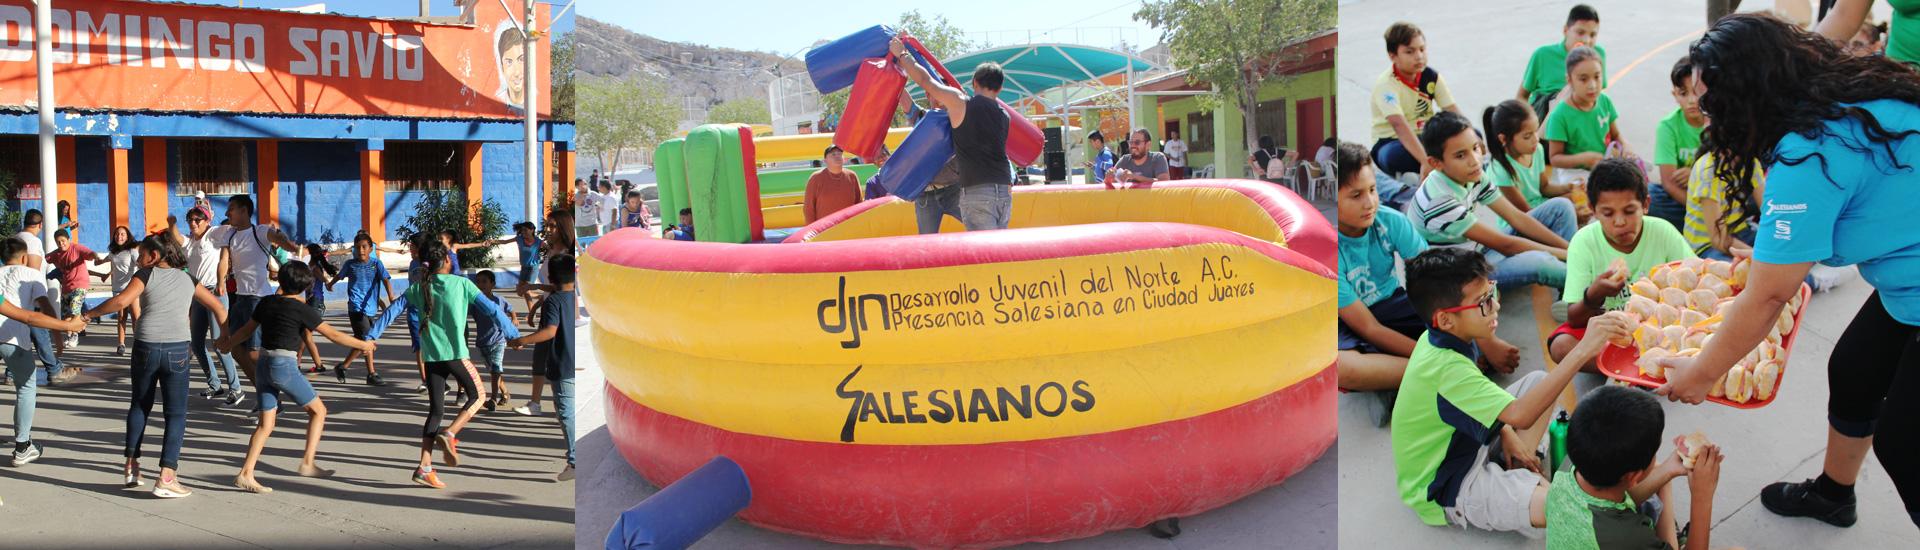 Los Salesianos, grandes centro del ocio para todas las edades en Ciudad Juárez